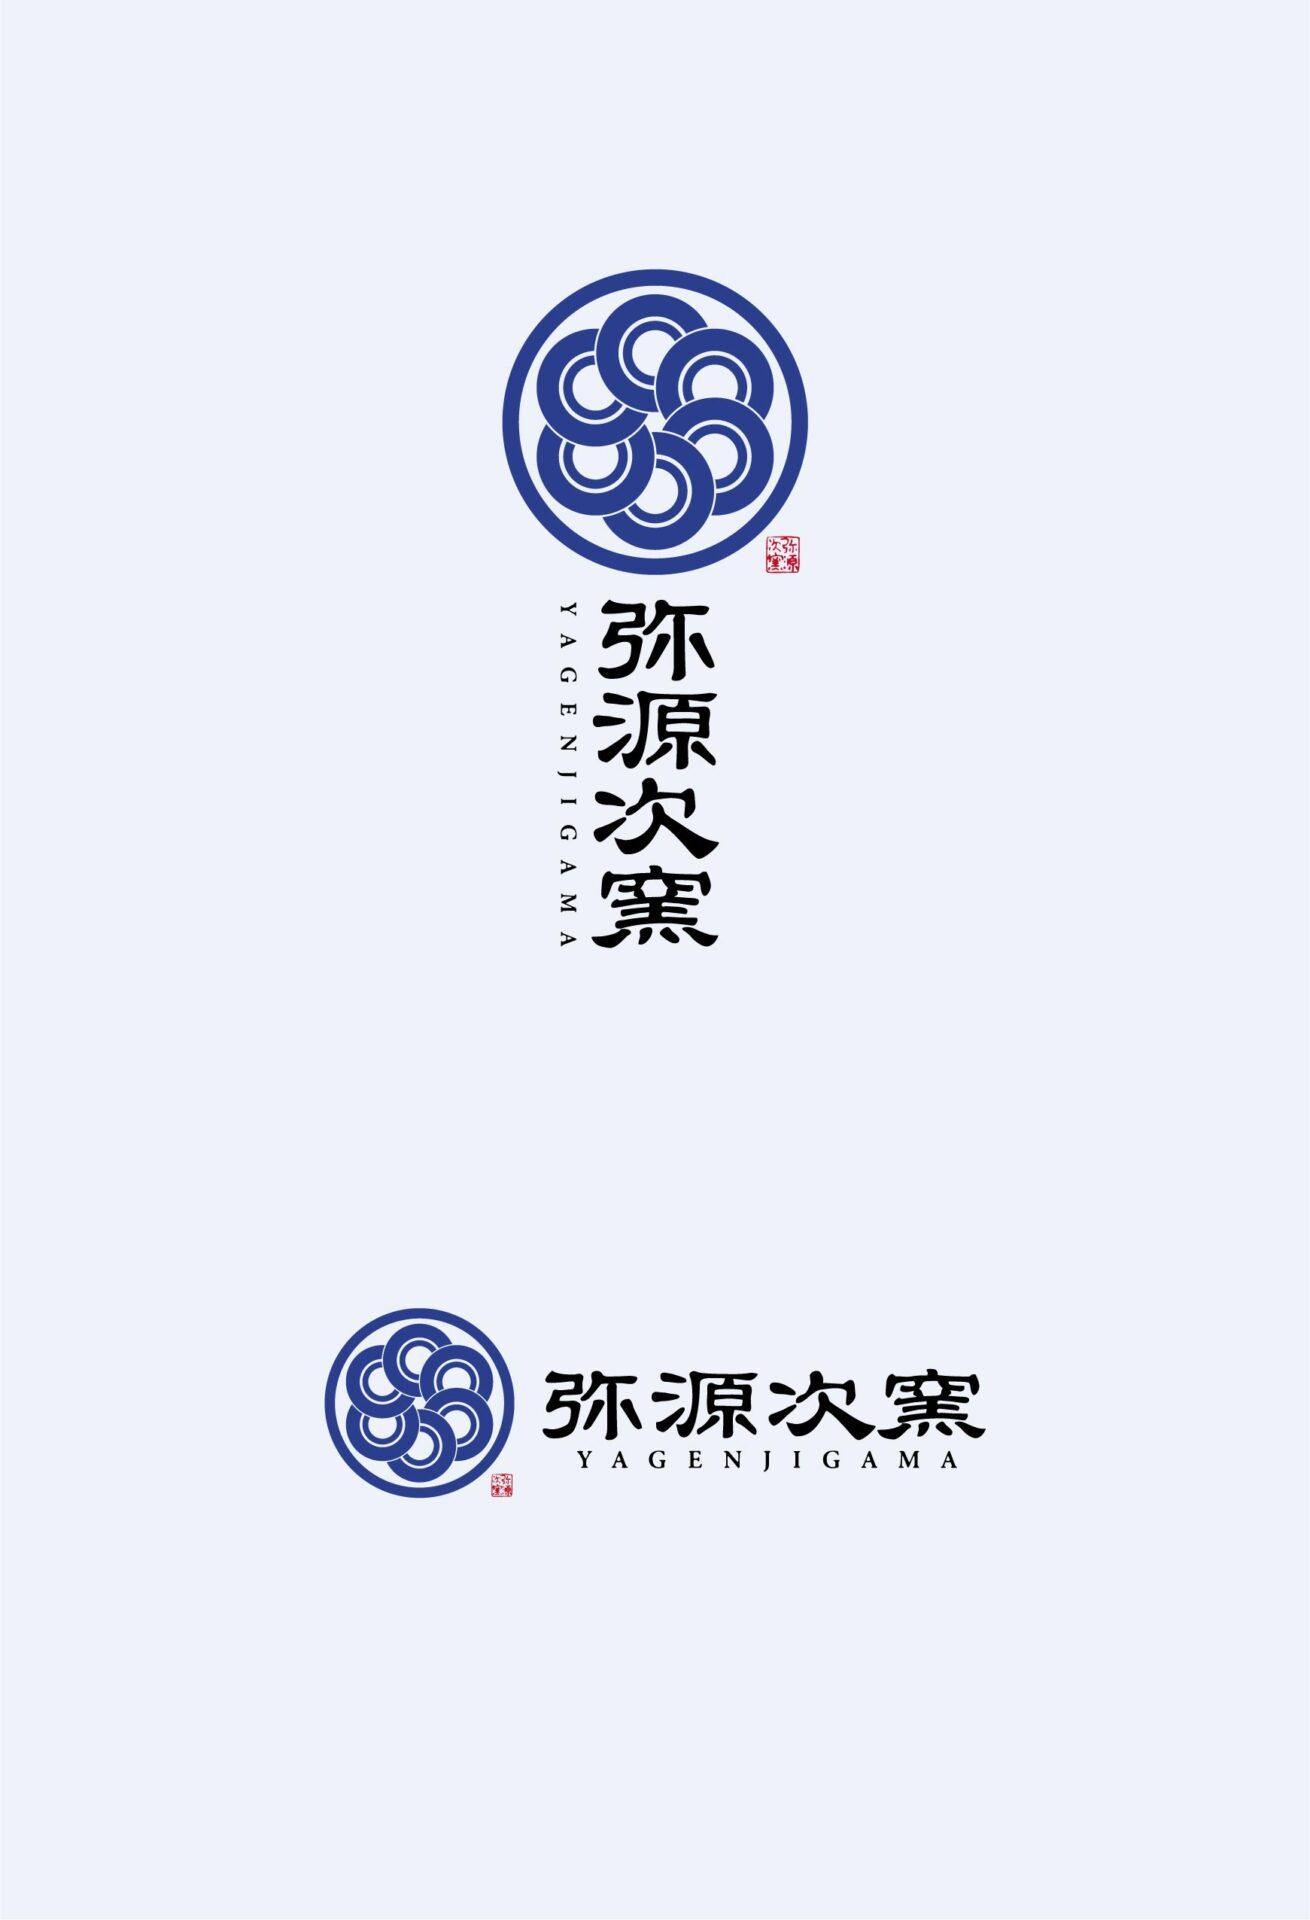 「YAGENJIGAMA」の実績画像